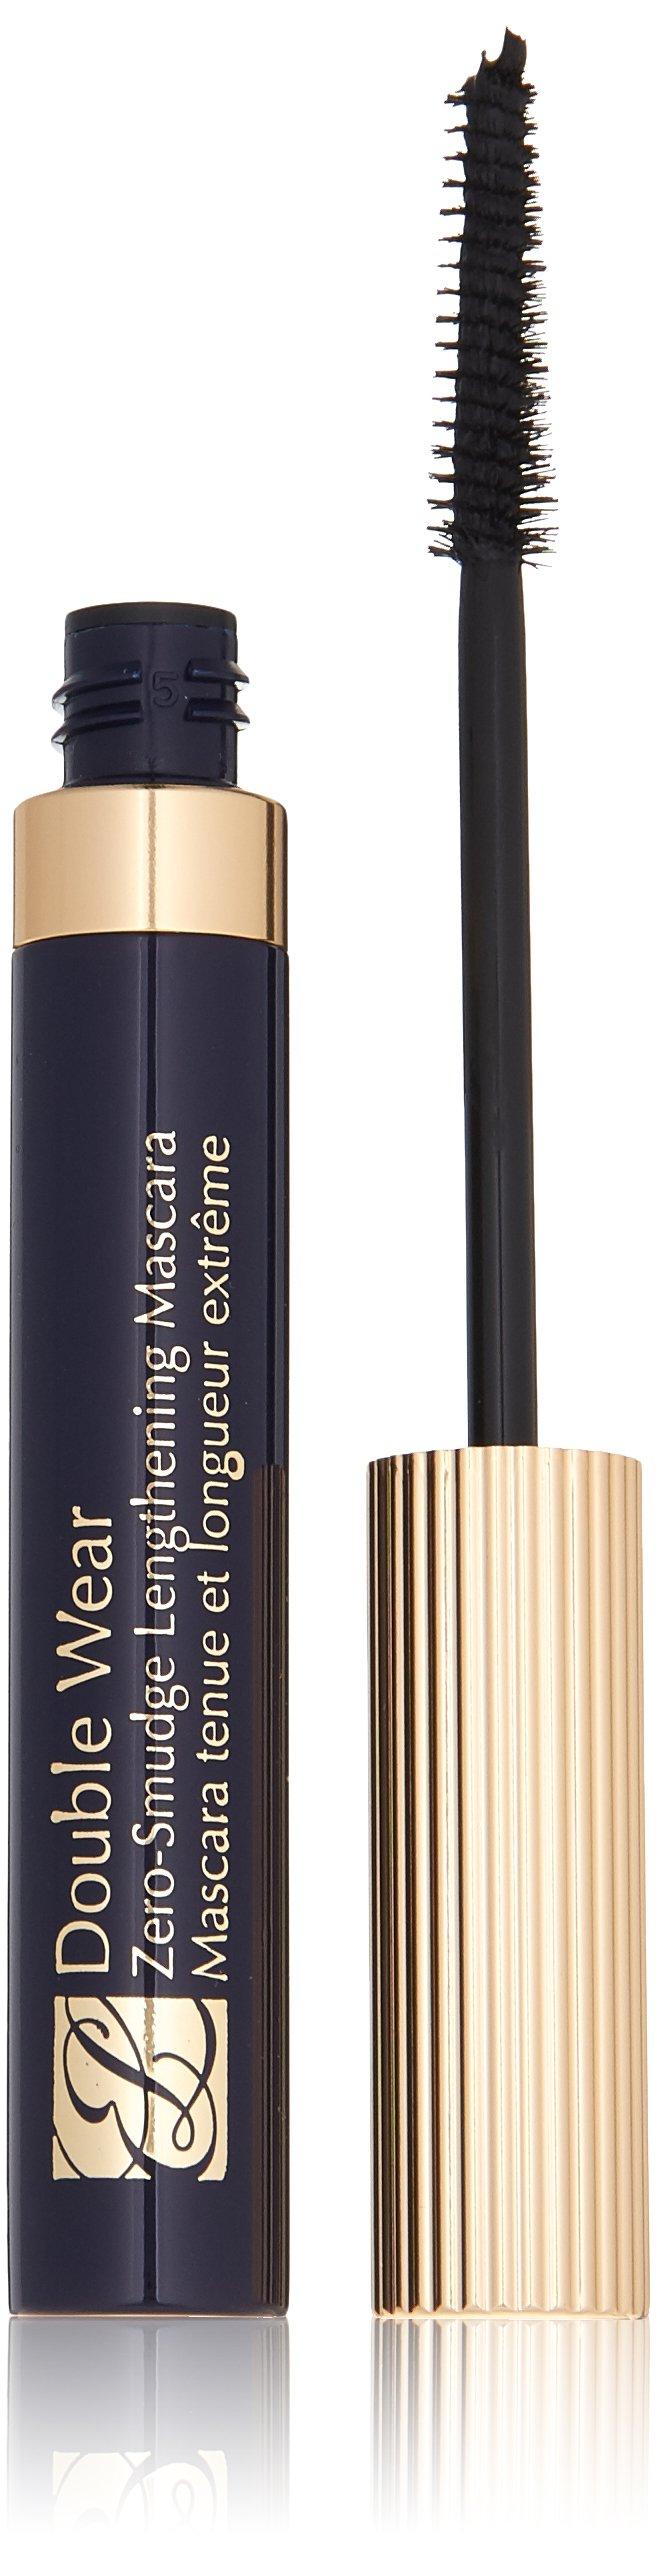 Double Wear Zero Smudge Lengthening Mascara by Estée Lauder #13